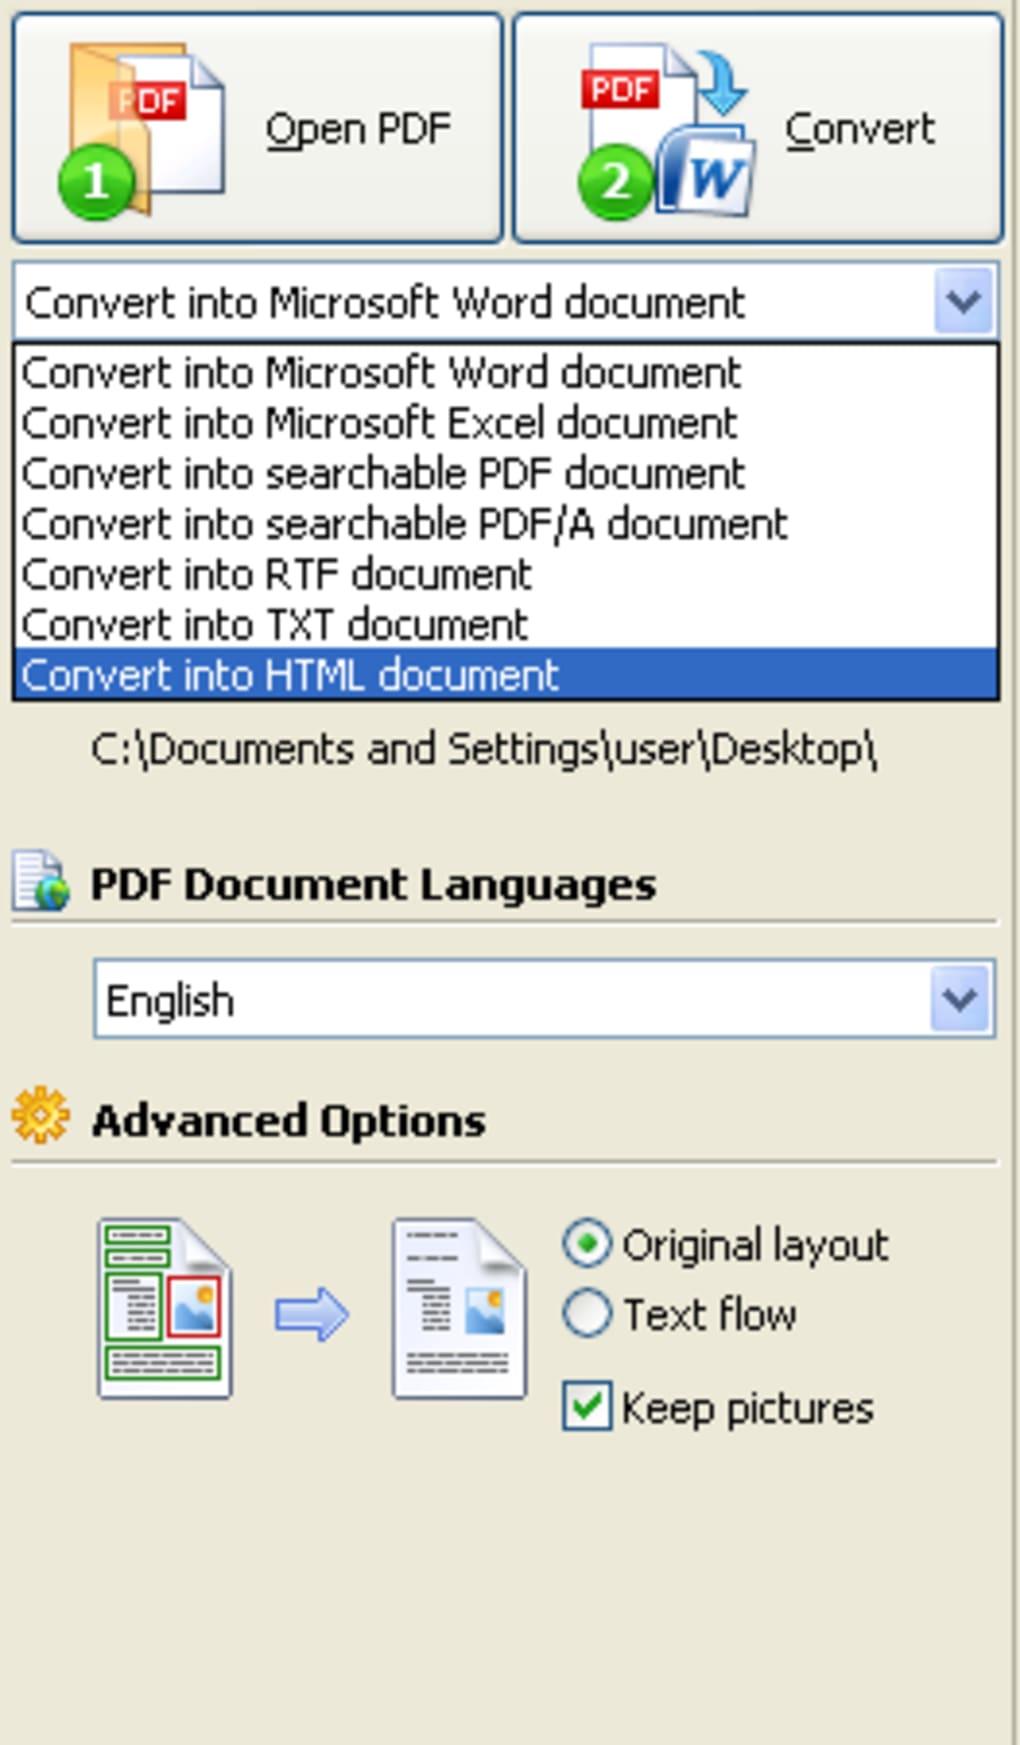 como transformar pdf em word